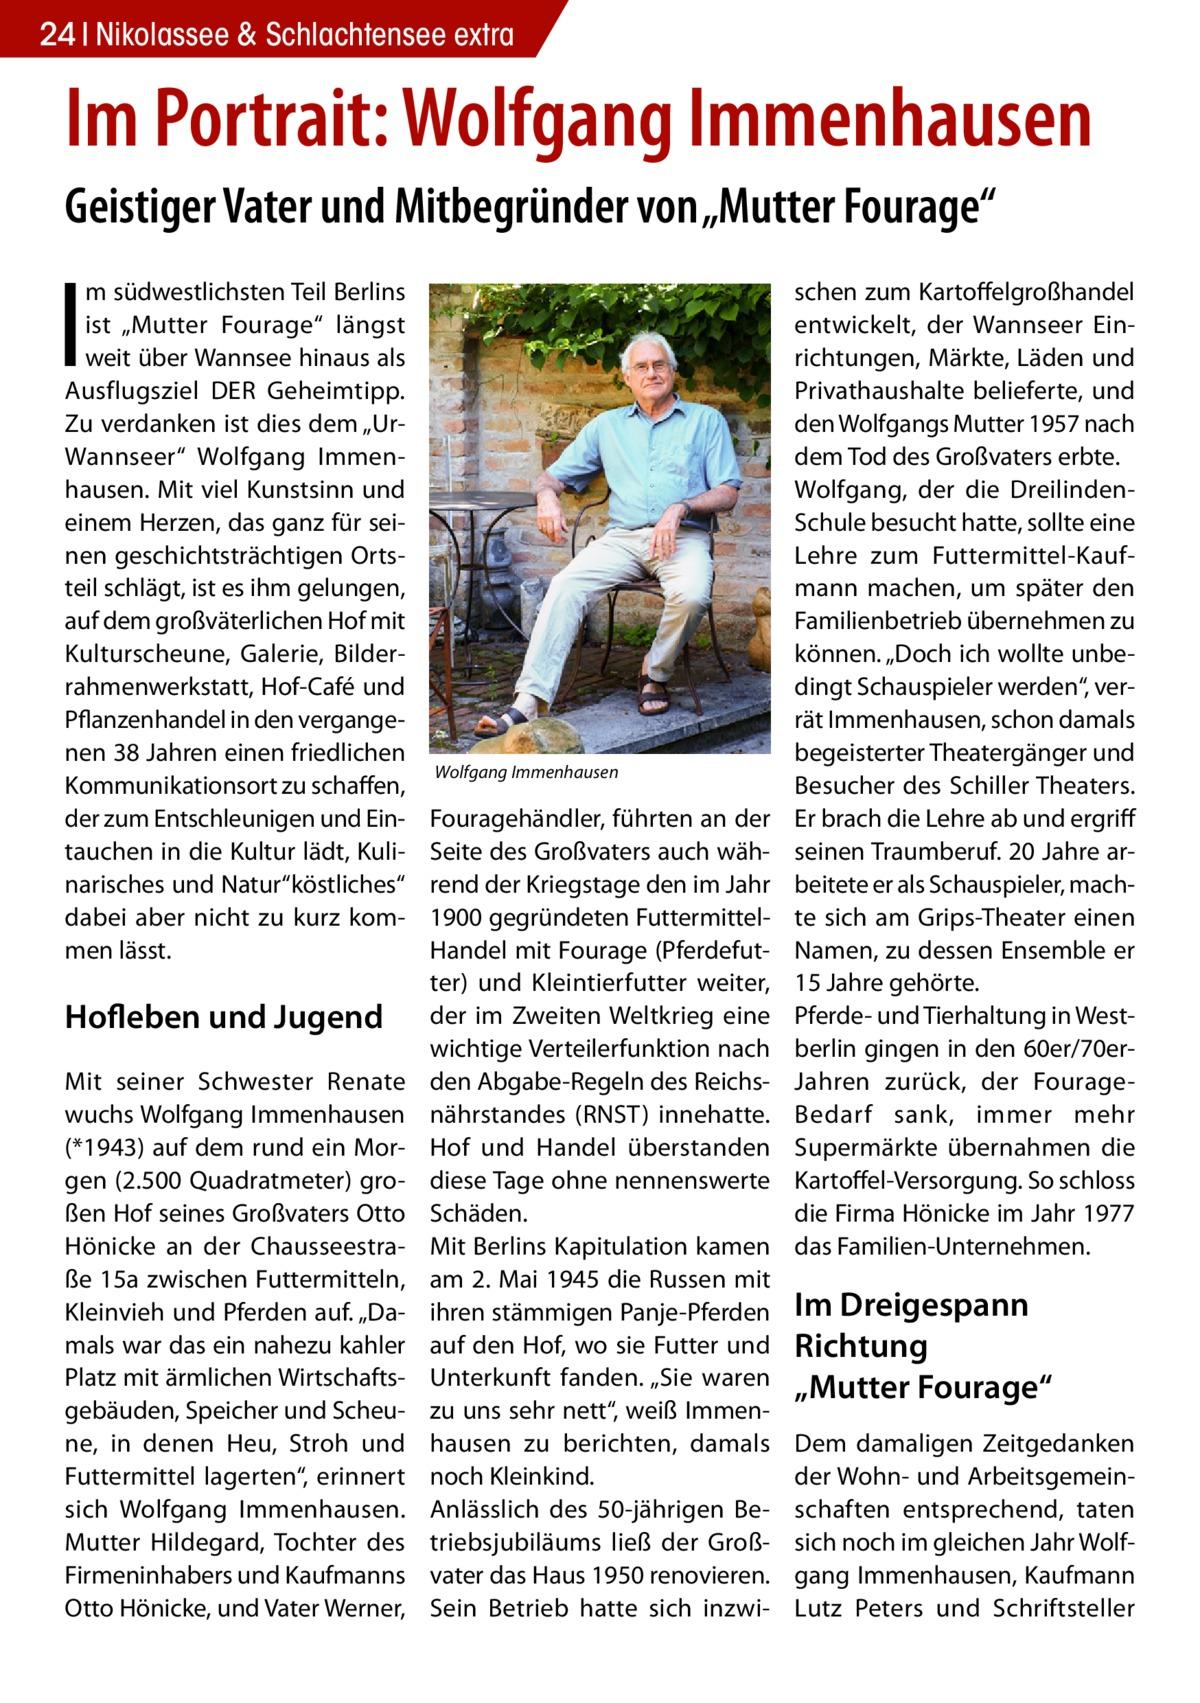 """24 Nikolassee & Schlachtensee extra  Im Portrait: Wolfgang Immenhausen Geistiger Vater und Mitbegründer von """"Mutter Fourage""""  I  m südwestlichsten Teil Berlins ist """"Mutter Fourage"""" längst weit über Wannsee hinaus als Ausflugsziel DER Geheimtipp. Zu verdanken ist dies dem """"UrWannseer"""" Wolfgang Immenhausen. Mit viel Kunstsinn und einem Herzen, das ganz für seinen geschichtsträchtigen Ortsteil schlägt, ist es ihm gelungen, auf dem großväterlichen Hof mit Kulturscheune, Galerie, Bilderrahmenwerkstatt, Hof-Café und Pflanzenhandel in den vergangenen 38Jahren einen friedlichen Kommunikationsort zu schaffen, der zum Entschleunigen und Eintauchen in die Kultur lädt, Kulinarisches und Natur""""köstliches"""" dabei aber nicht zu kurz kommen lässt.  Hofleben und Jugend Mit seiner Schwester Renate wuchs Wolfgang Immenhausen (*1943) auf dem rund ein Morgen (2.500 Quadratmeter) großen Hof seines Großvaters Otto Hönicke an der Chausseestraße15a zwischen Futtermitteln, Kleinvieh und Pferden auf. """"Damals war das ein nahezu kahler Platz mit ärmlichen Wirtschaftsgebäuden, Speicher und Scheune, in denen Heu, Stroh und Futtermittel lagerten"""", erinnert sich Wolfgang Immenhausen. Mutter Hildegard, Tochter des Firmeninhabers und Kaufmanns Otto Hönicke, und Vater Werner,  Wolfgang Immenhausen  Fouragehändler, führten an der Seite des Großvaters auch während der Kriegstage den im Jahr 1900 gegründeten FuttermittelHandel mit Fourage (Pferdefutter) und Kleintierfutter weiter, der im Zweiten Weltkrieg eine wichtige Verteilerfunktion nach den Abgabe-Regeln des Reichsnährstandes (RNST) innehatte. Hof und Handel überstanden diese Tage ohne nennenswerte Schäden. Mit Berlins Kapitulation kamen am 2.Mai 1945 die Russen mit ihren stämmigen Panje-Pferden auf den Hof, wo sie Futter und Unterkunft fanden. """"Sie waren zu uns sehr nett"""", weiß Immenhausen zu berichten, damals noch Kleinkind. Anlässlich des 50-jährigen Betriebsjubiläums ließ der Großvater das Haus 1950 renovieren. Sein Betrieb hatte sich inzwi schen"""